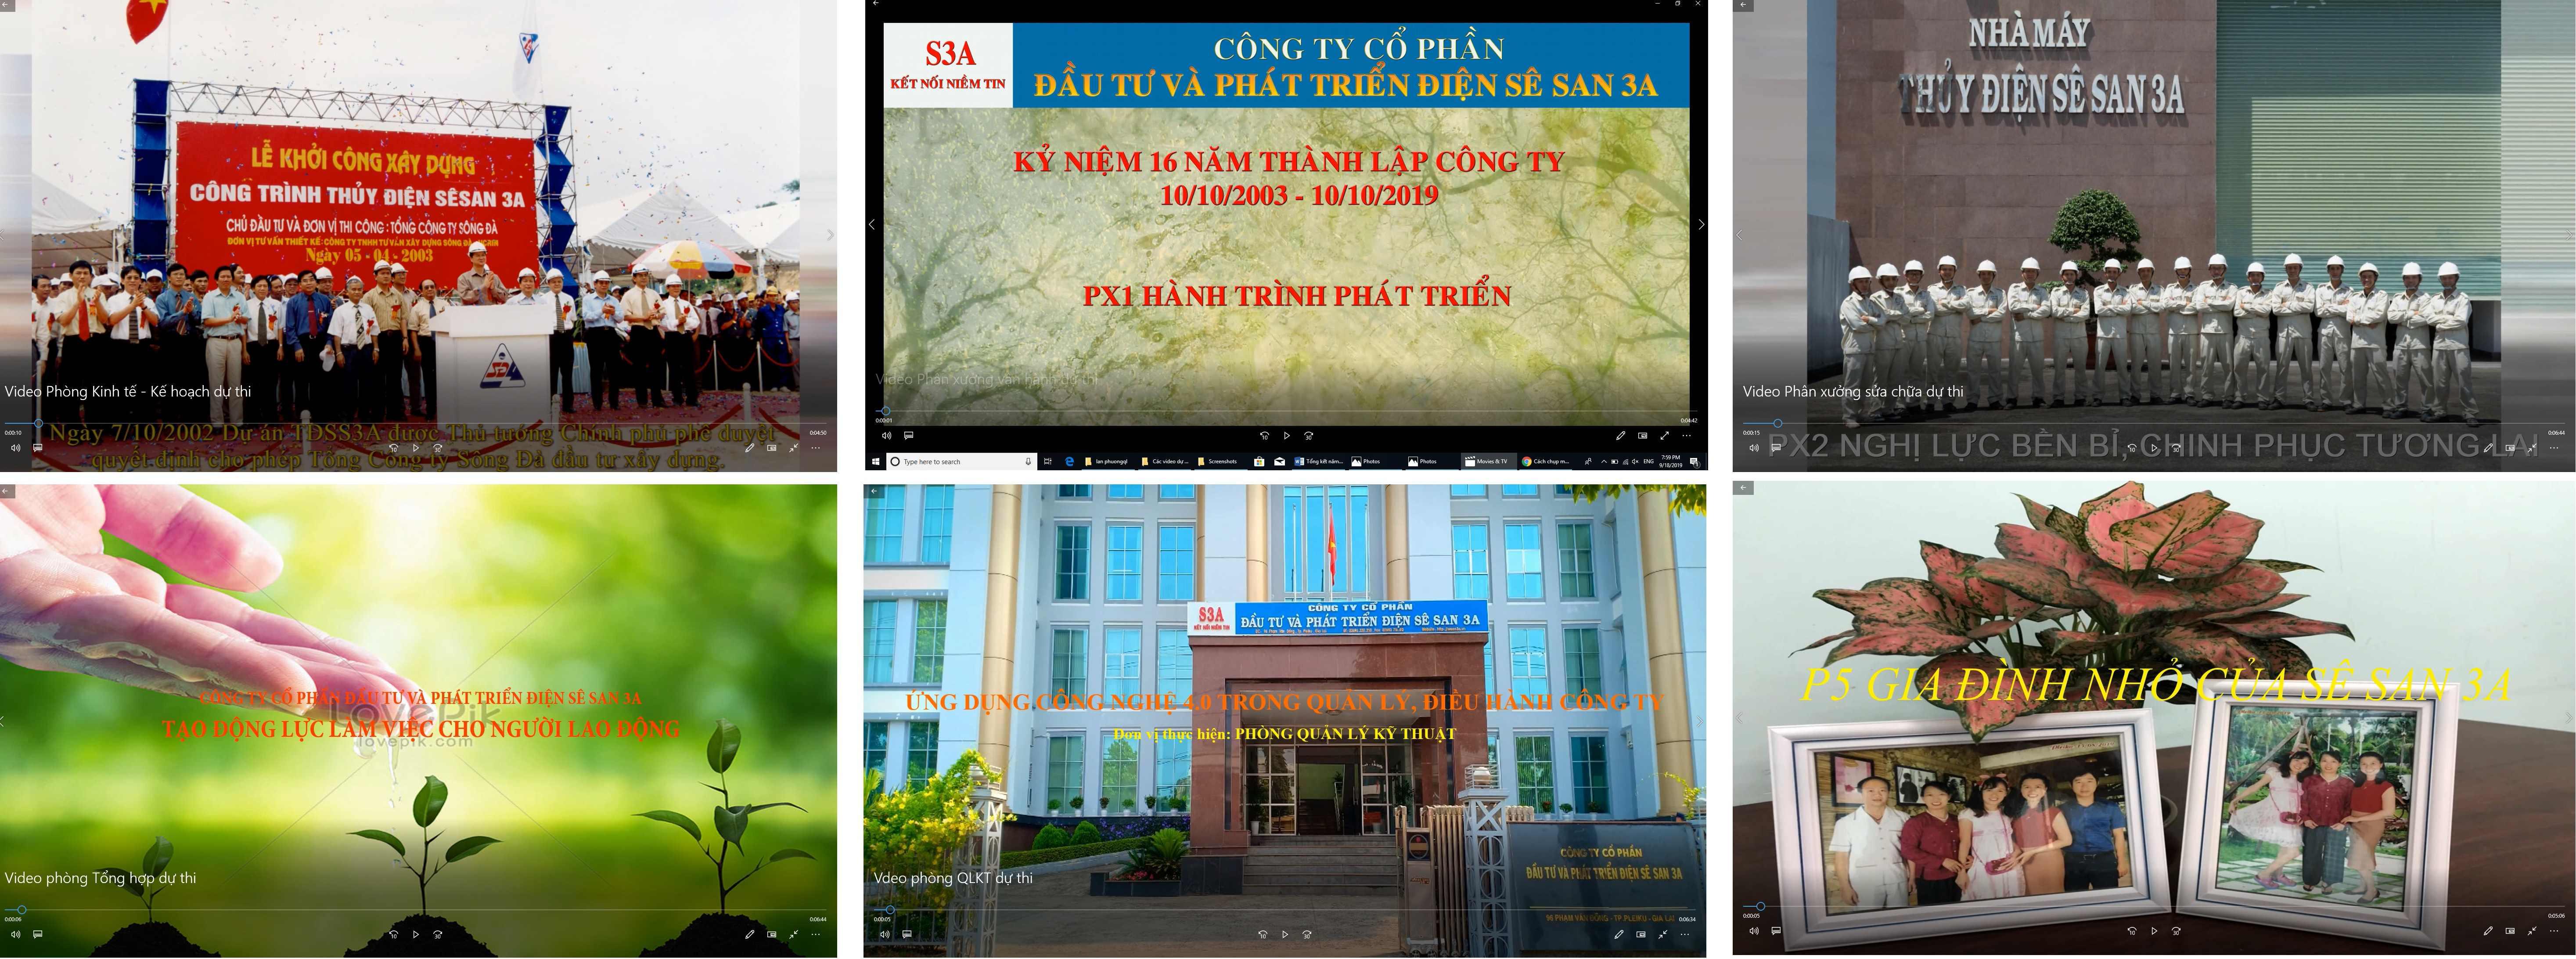 Người lao động Sê San 3A sáng tác video/clip hướng đến kỷ niệm 16 năm ngày thành lập Công ty